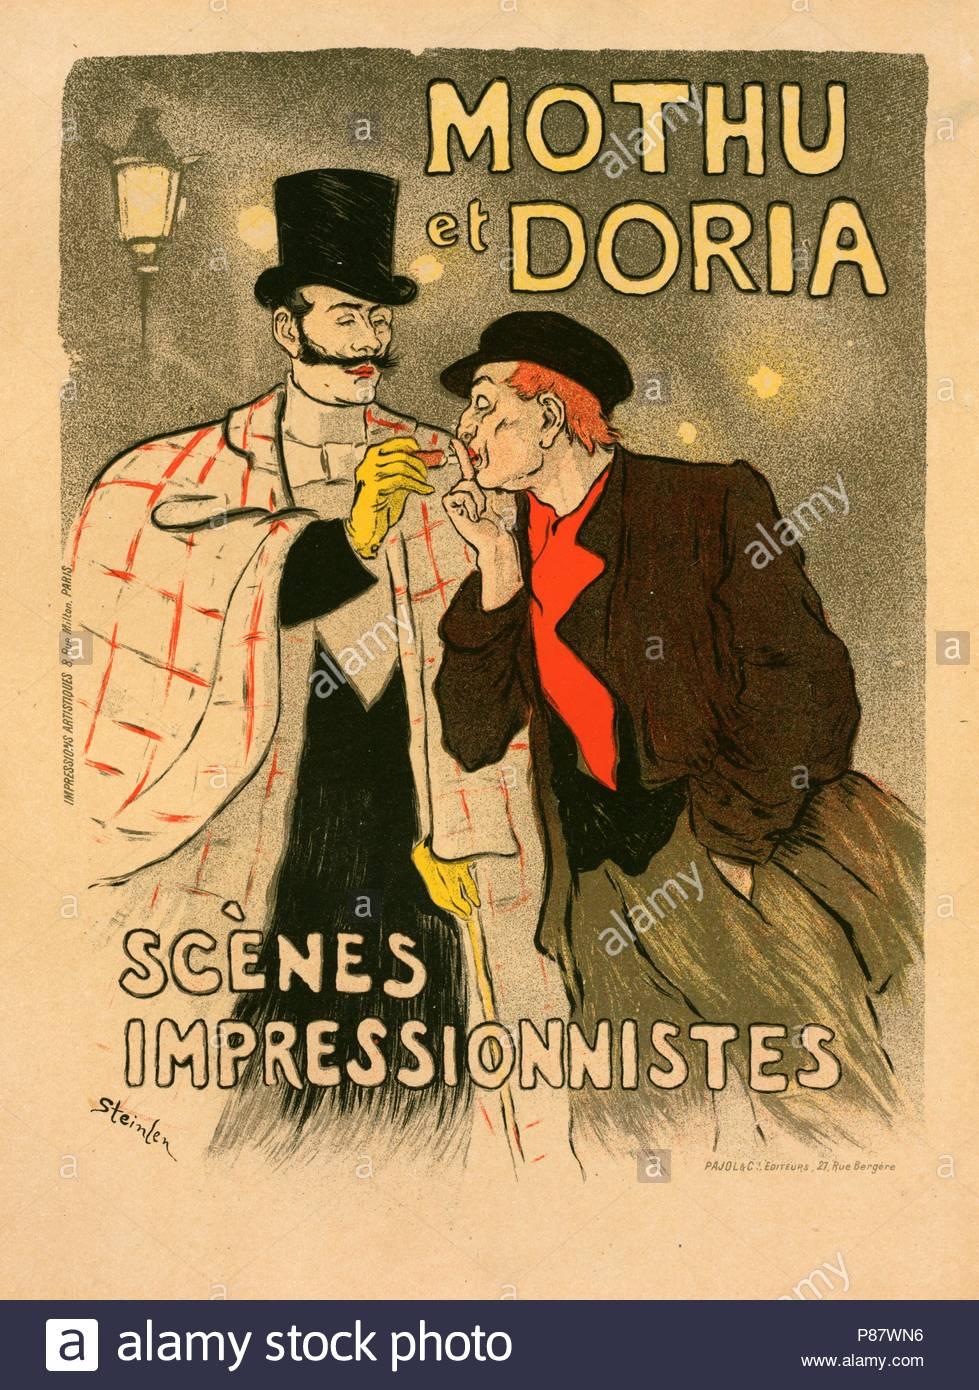 Poster for les Scènes impressionistes, Mothu et Doria. Théophile Alexandre Steinlen, 1859 – 1923, a Swiss-born French Art Nouveau painter and printmaker. - Stock Image